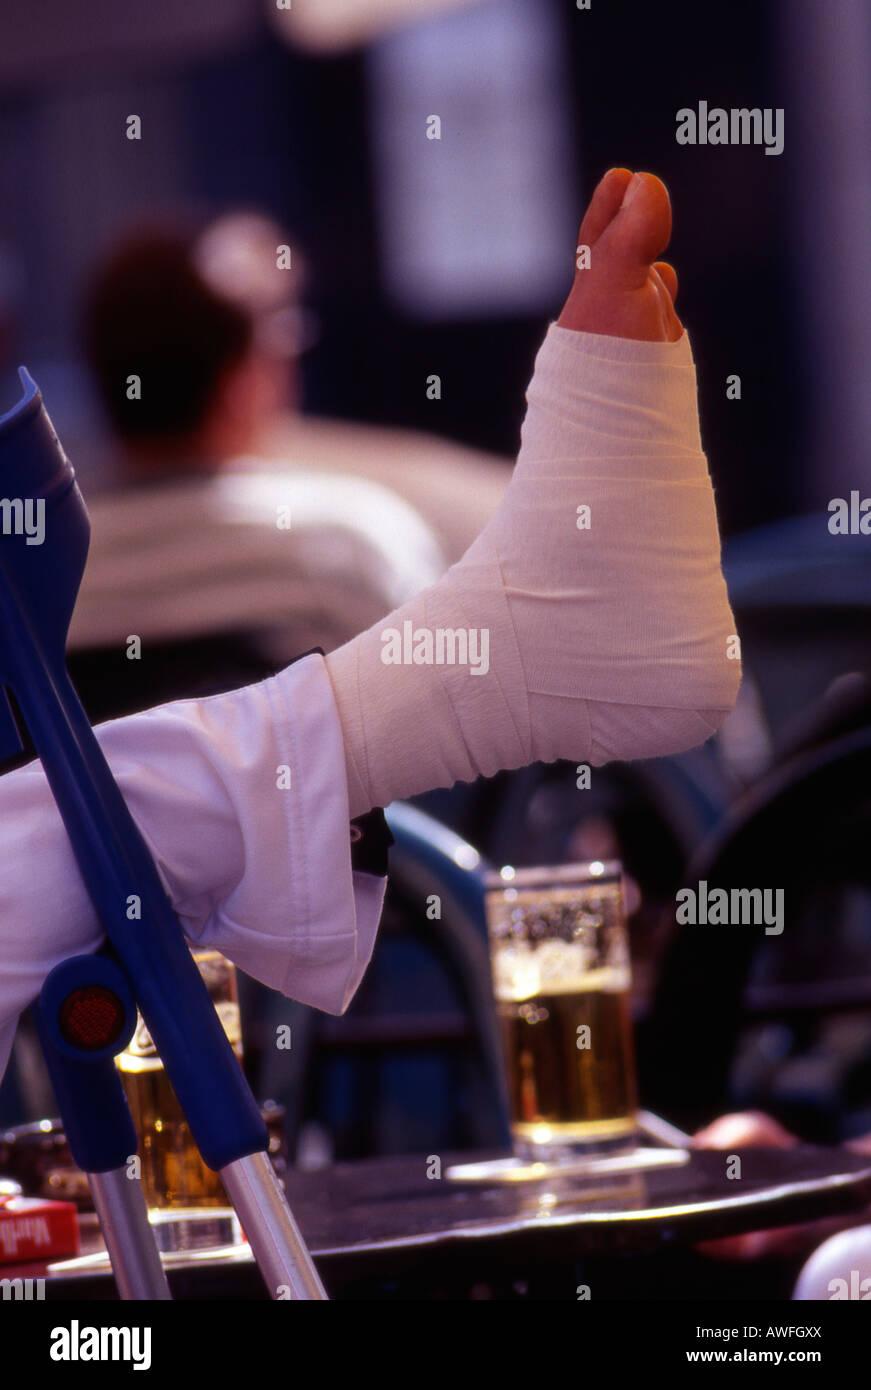 Bandaged foot - Stock Image